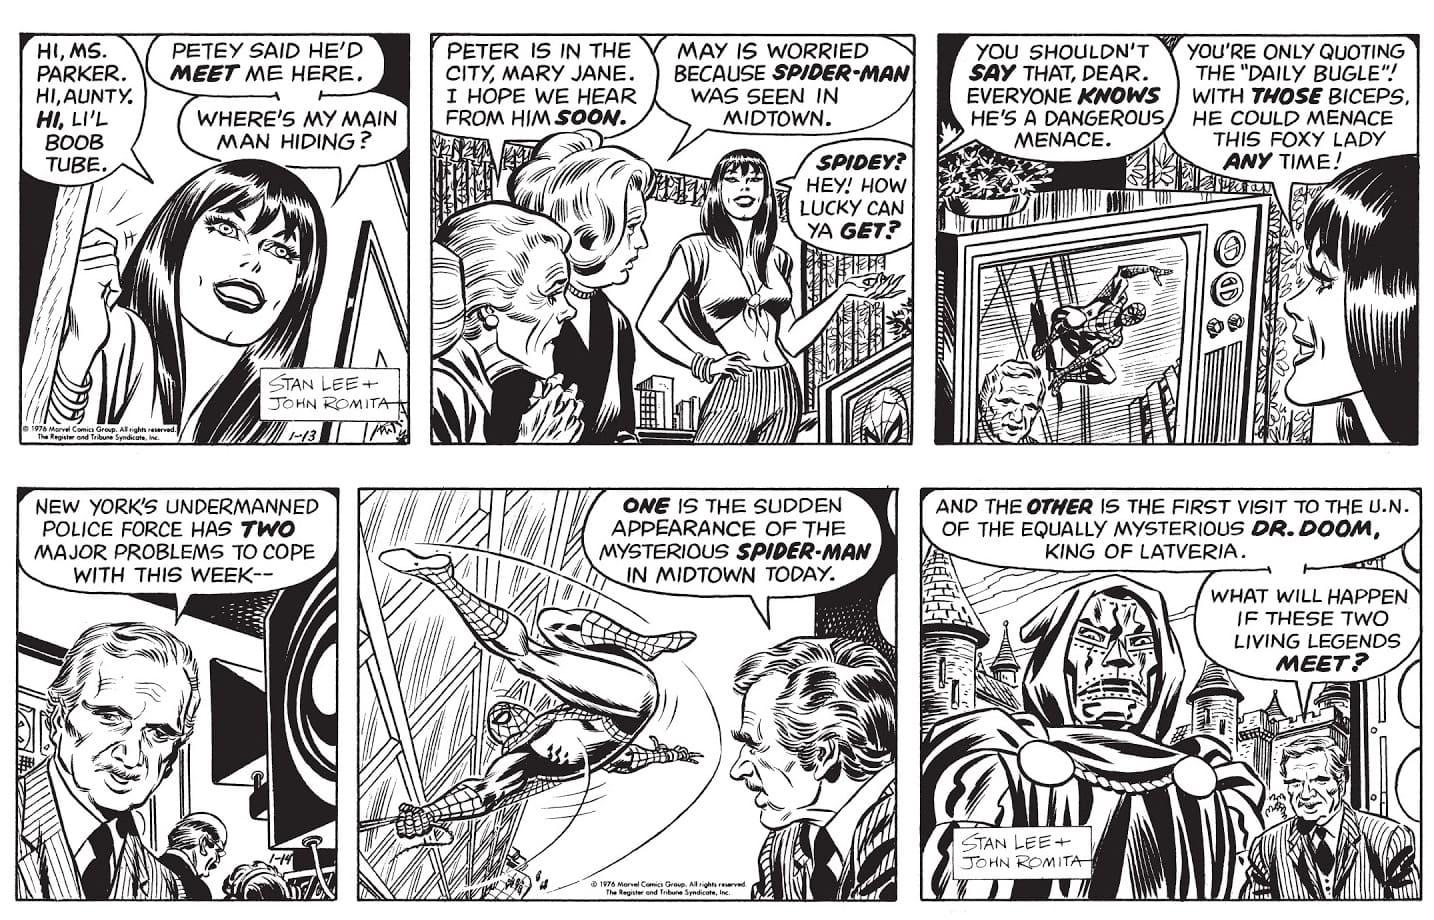 El Asombroso Spider-Man: Las Tiras de Prensa Vol. 1 1977-1979